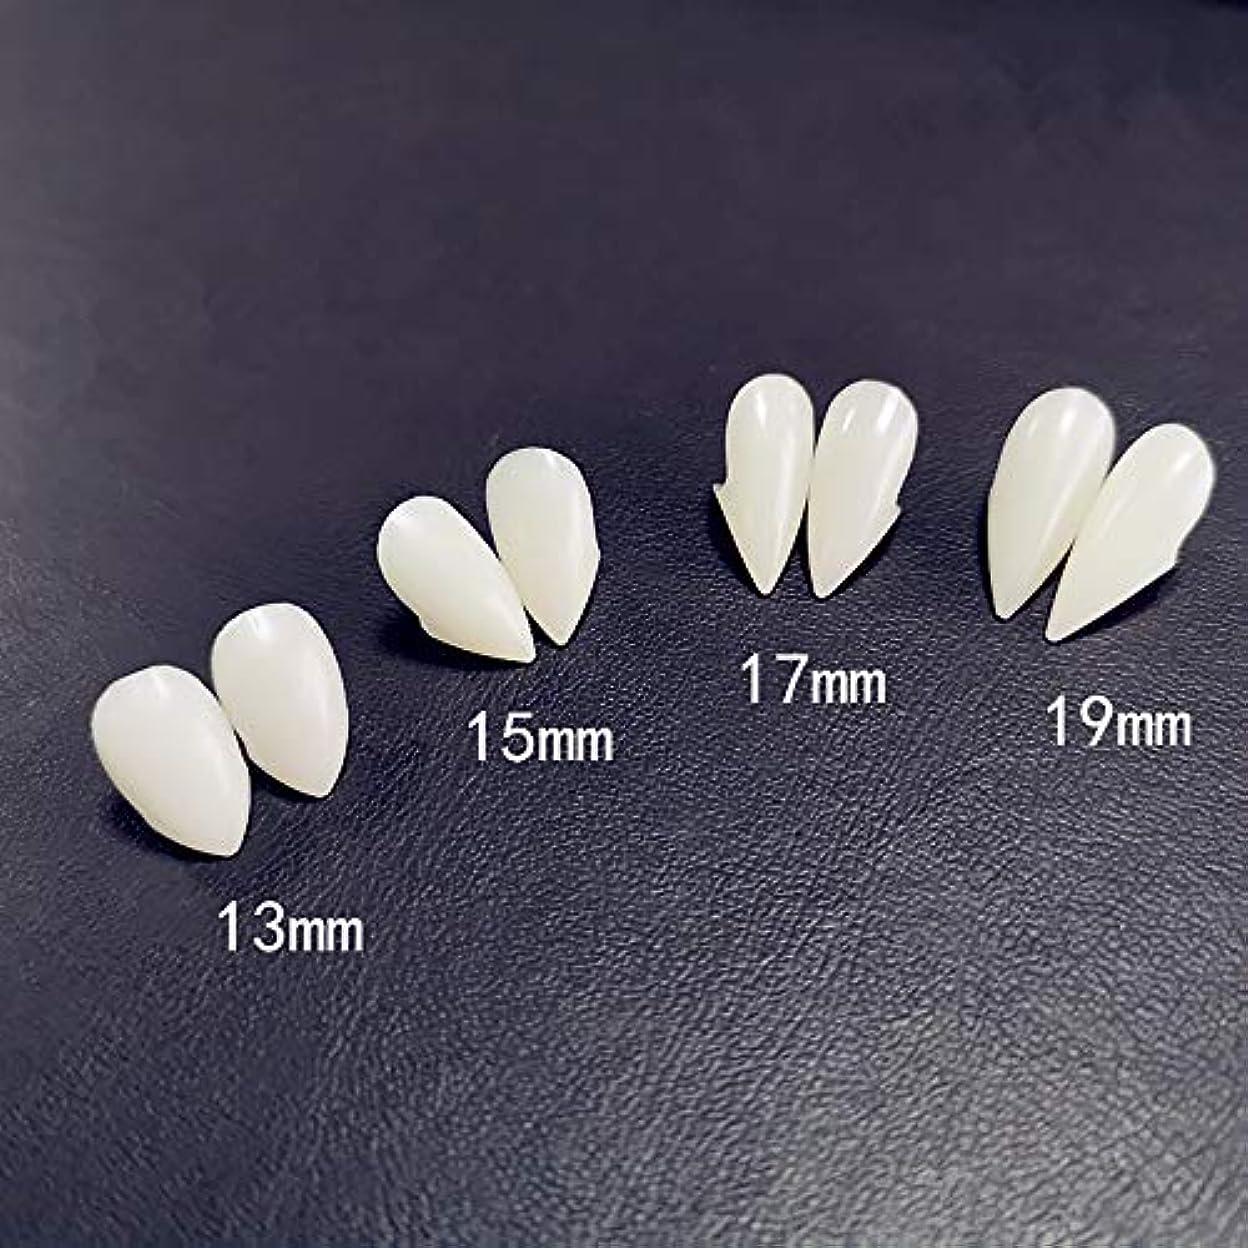 しないでください特別な測定可能6ペア牙キット歯の入れ歯歯の牙入れ歯小道具ハロウィーンの衣装小道具パーティーの好意休日DIYの装飾ホラー大人のための子供,17mm